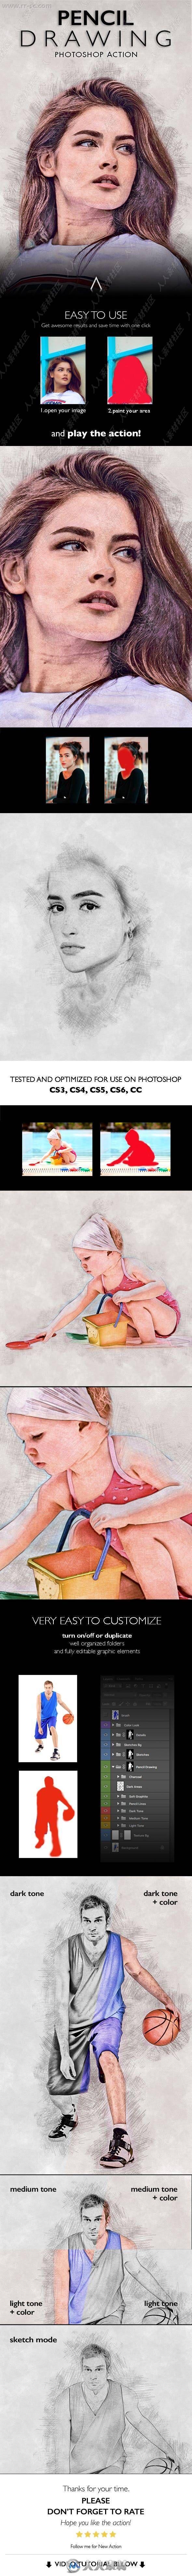 素描彩铅线条绘画效果人像艺术特效PS动作